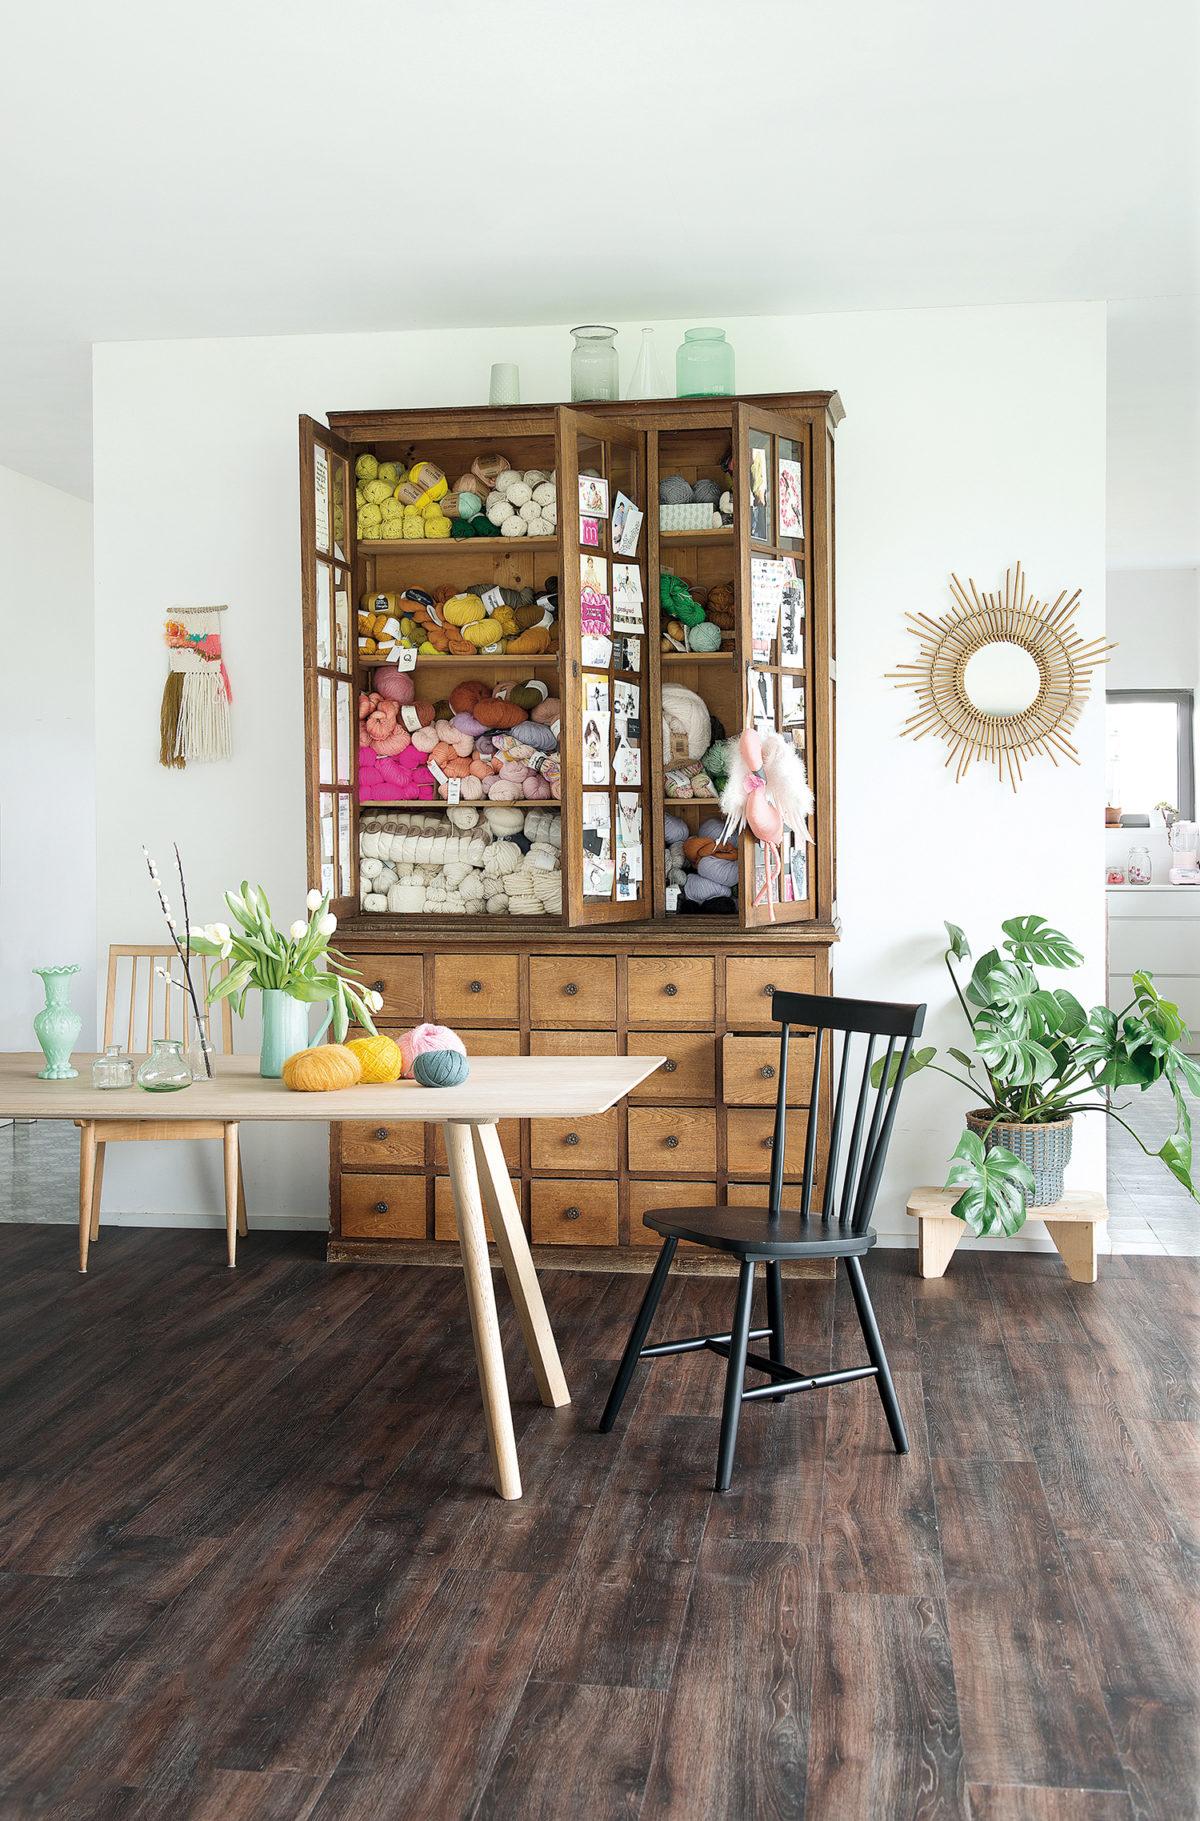 Armoire en bois recyclé qui renferme des pelotes de laine, parquet naturel rustique BerryAlloc, plantes et bouquets, miroir en rotin… une atmosphère Scandicraft.